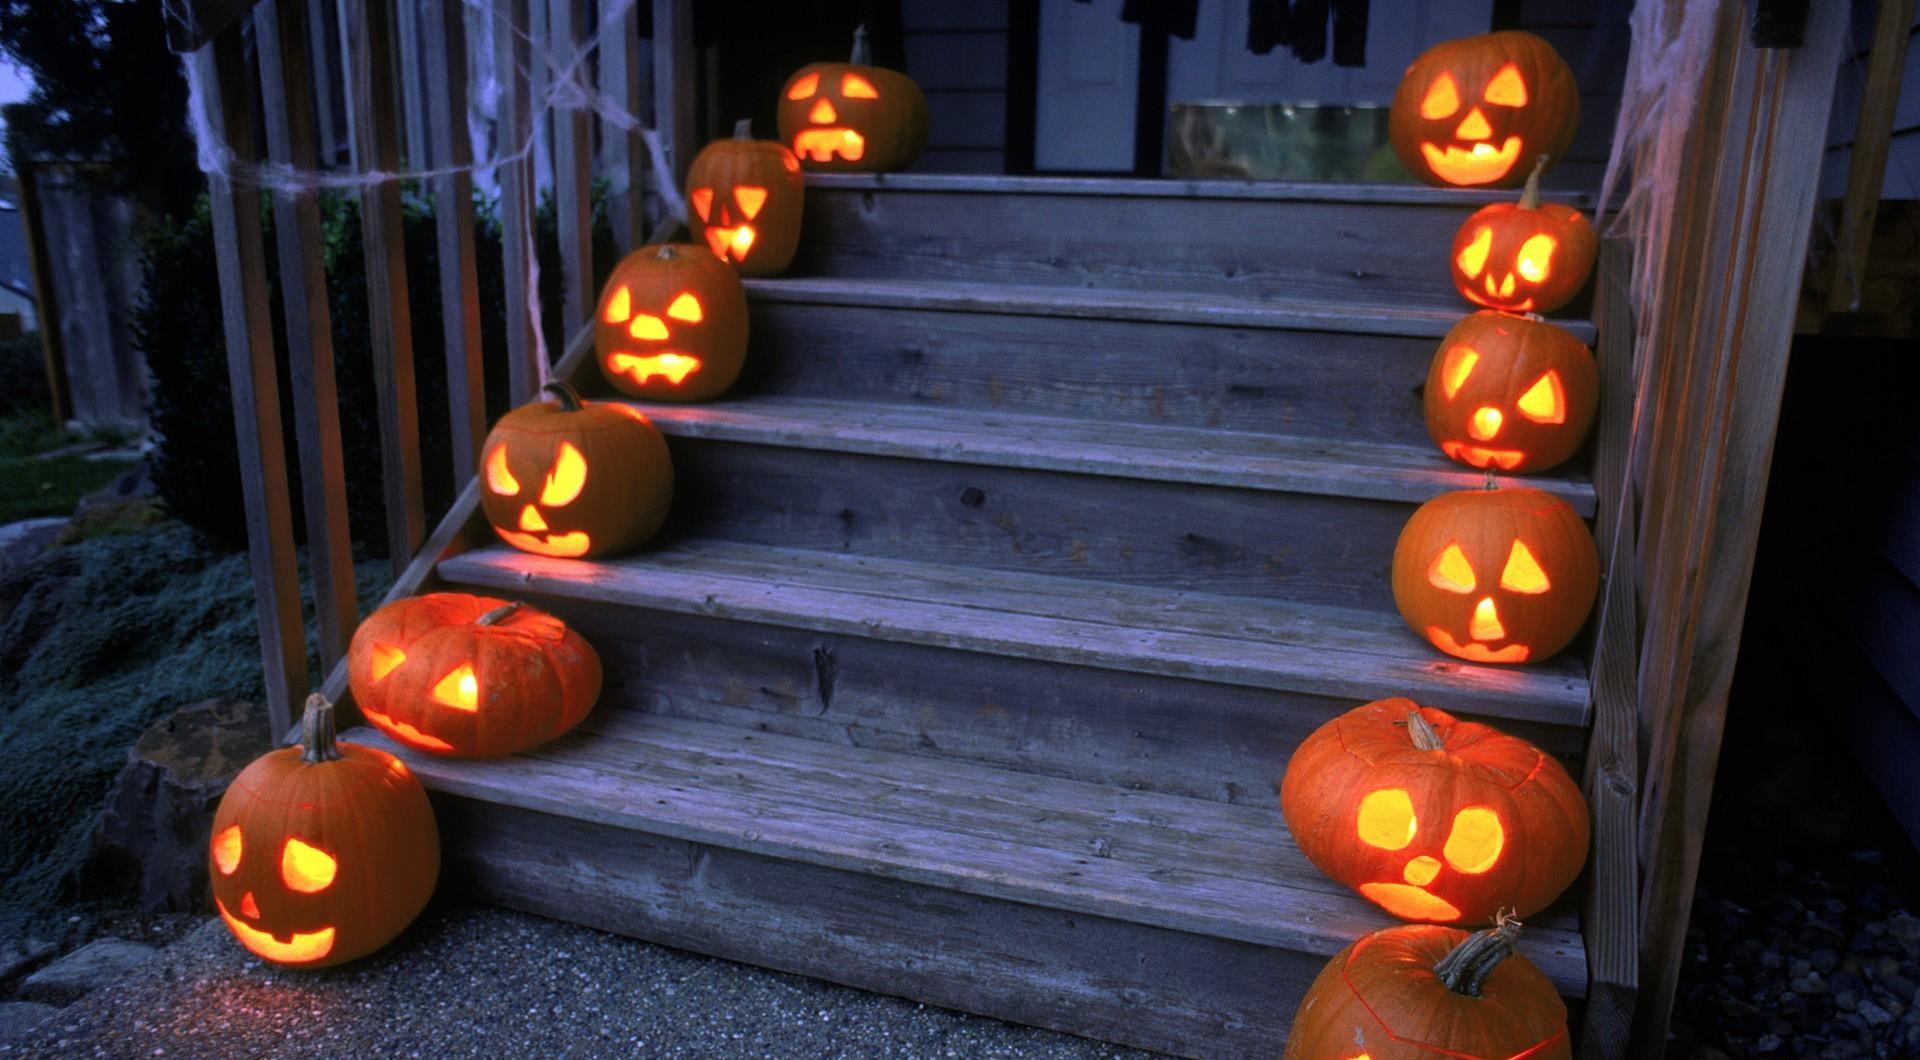 Хэллоуин в 2018 году: какого числа, дата, традиции